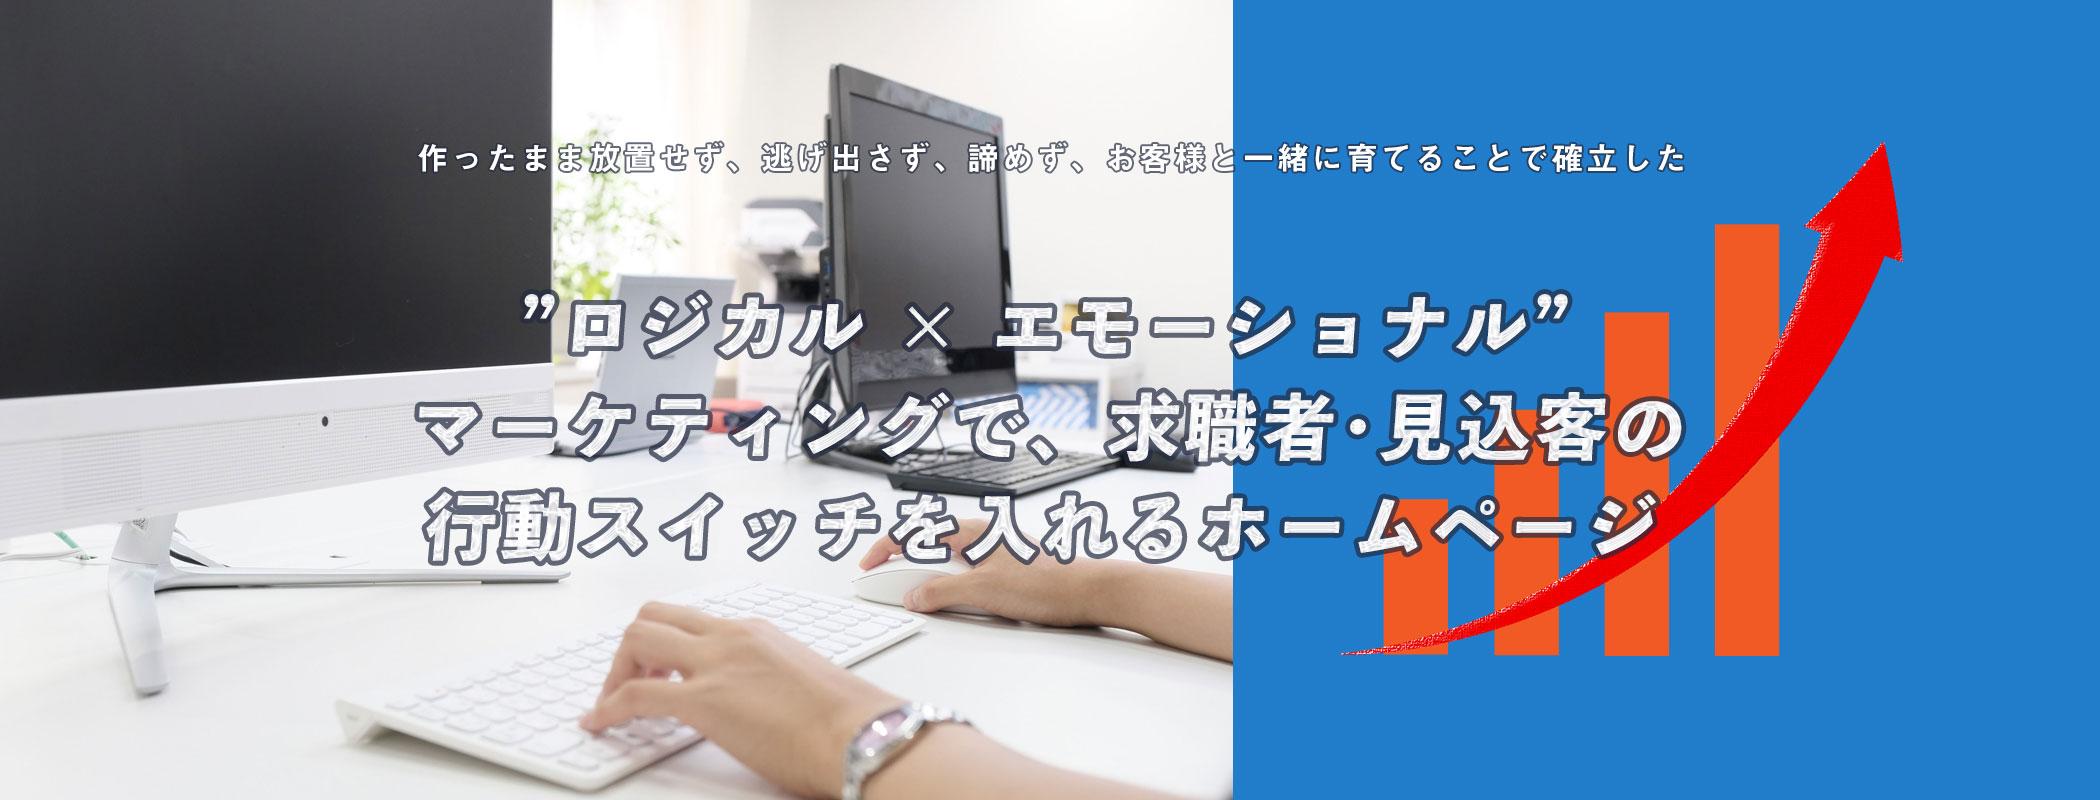 採用・集客ホームページの制作なら川崎市のビーシーソリューション